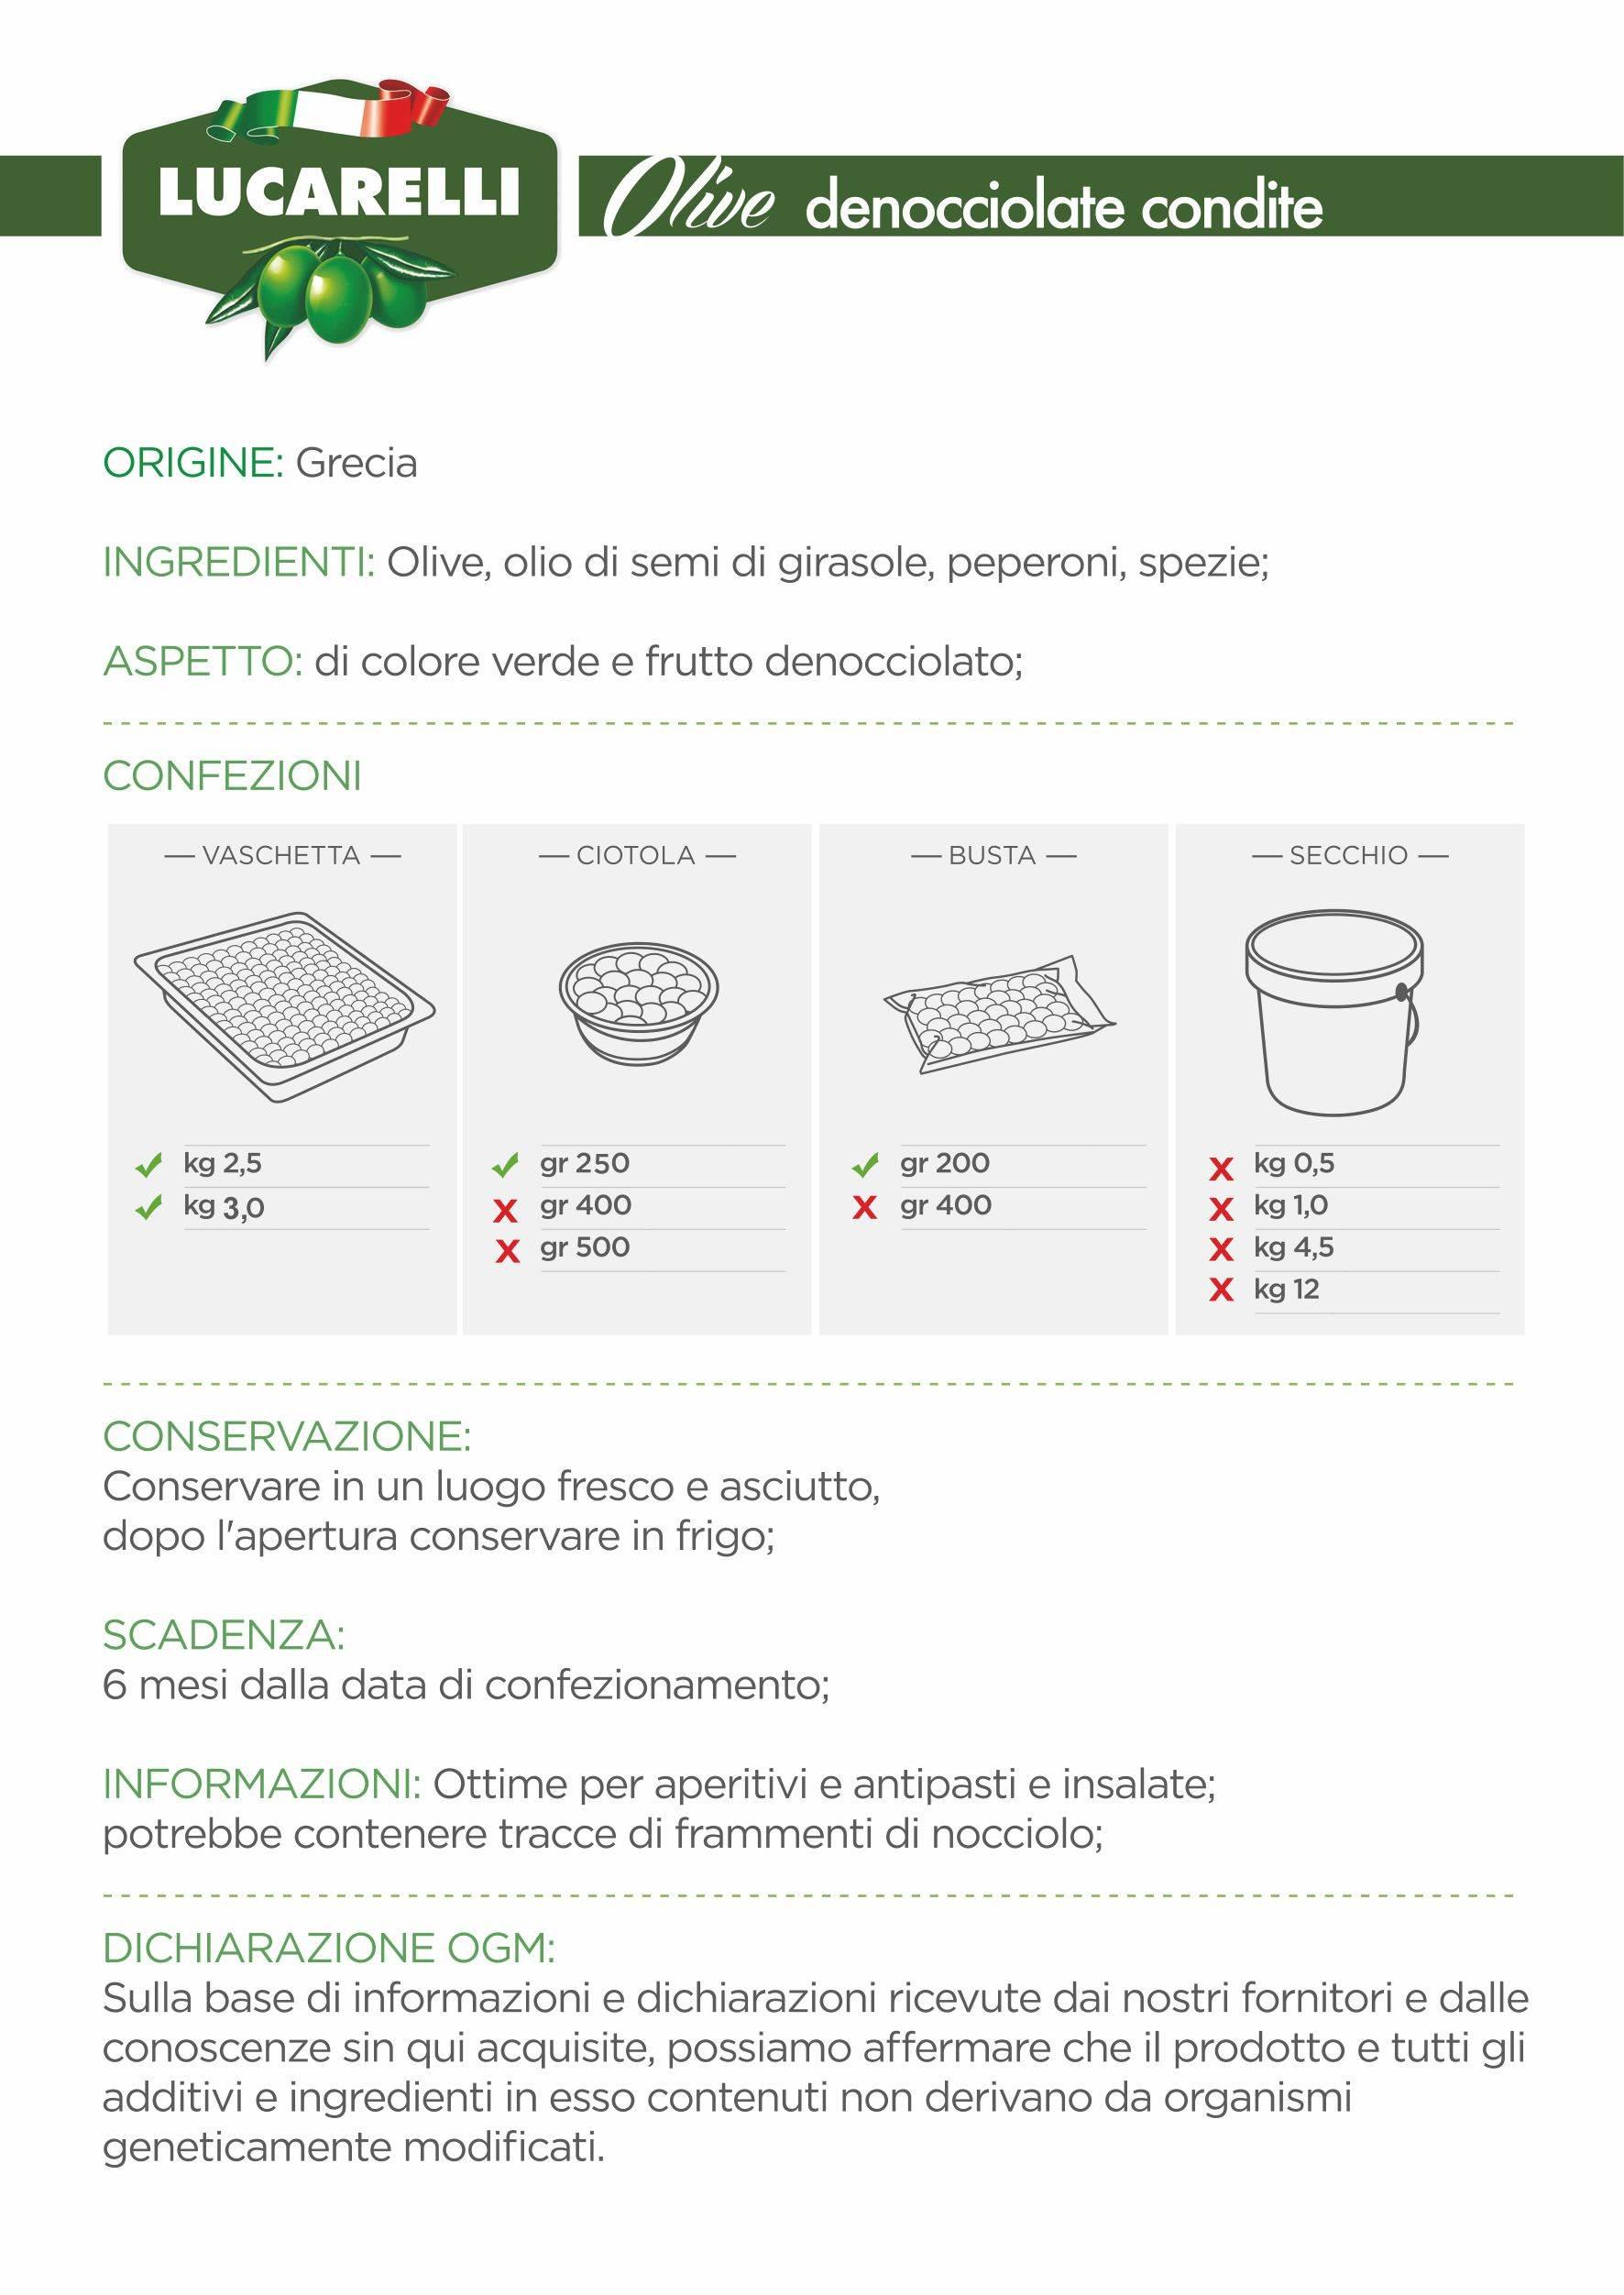 olive_denocciolate_condite